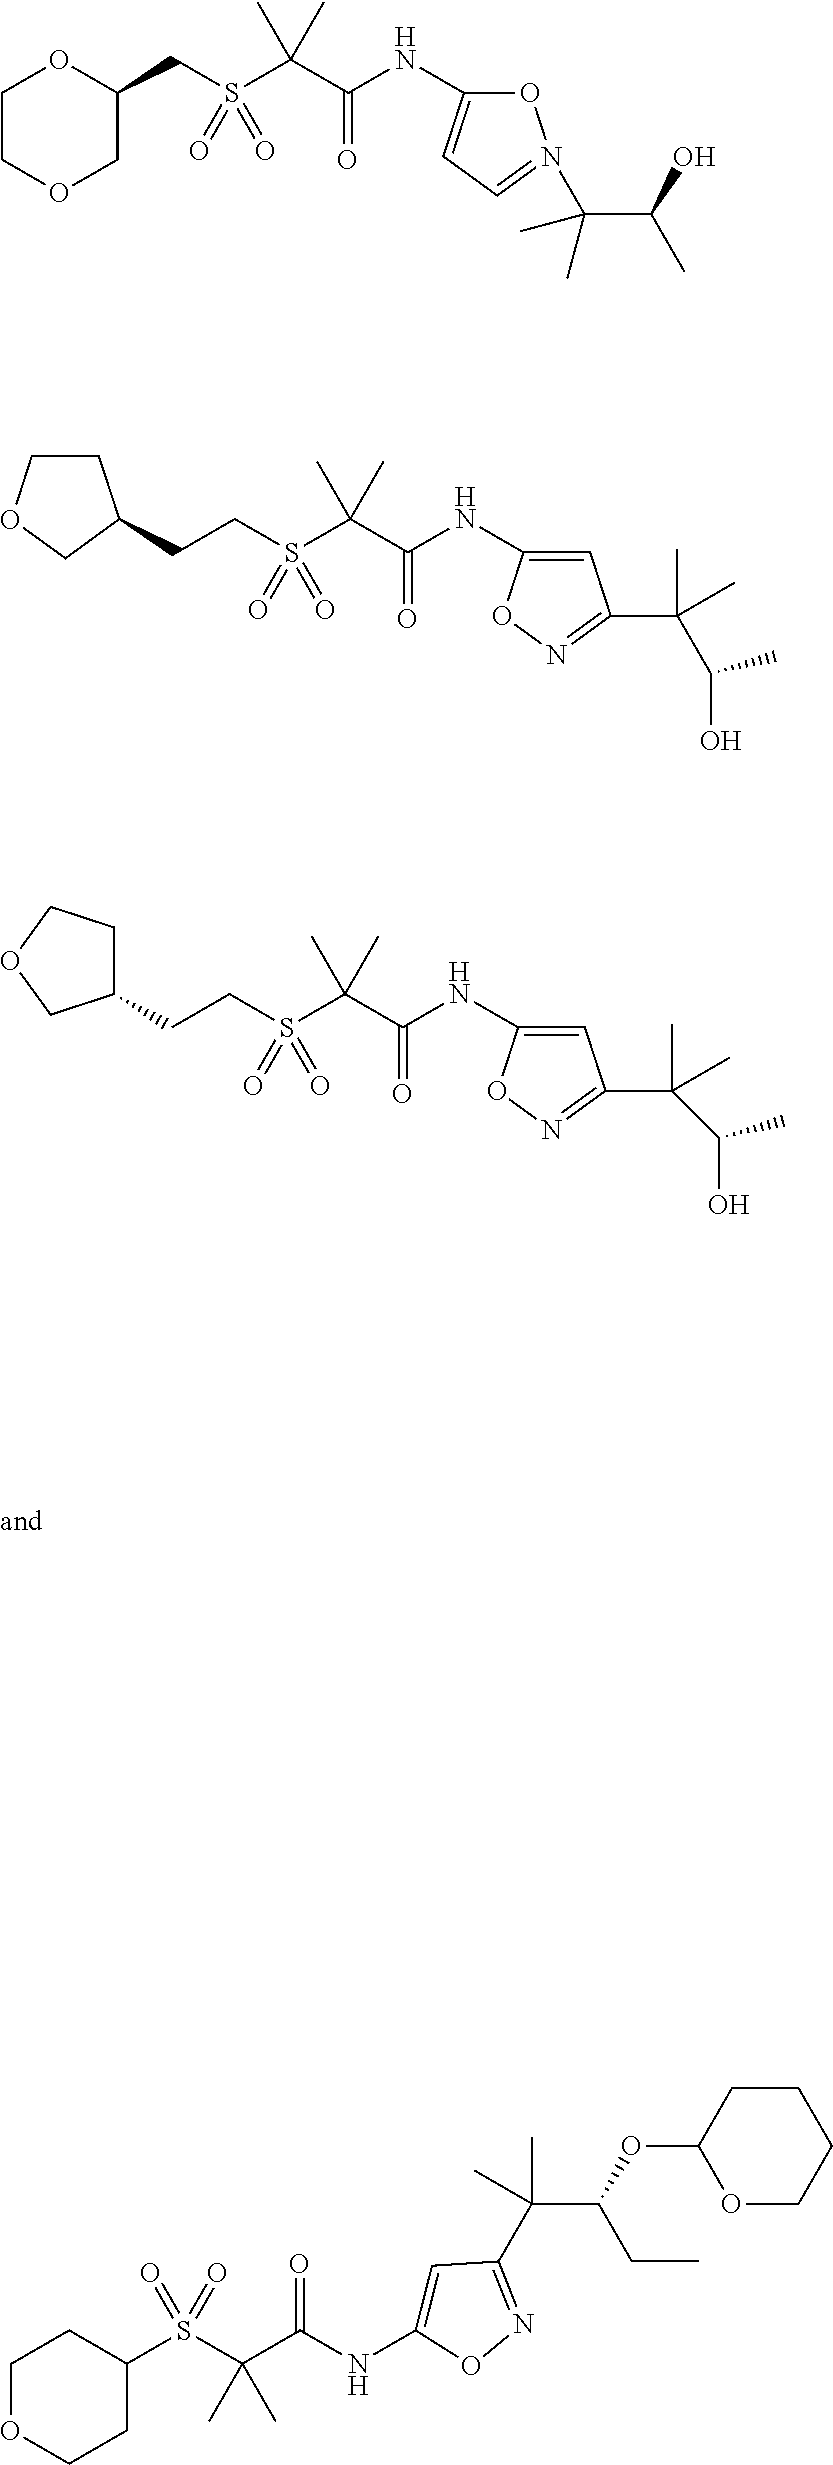 Figure US08372874-20130212-C00478